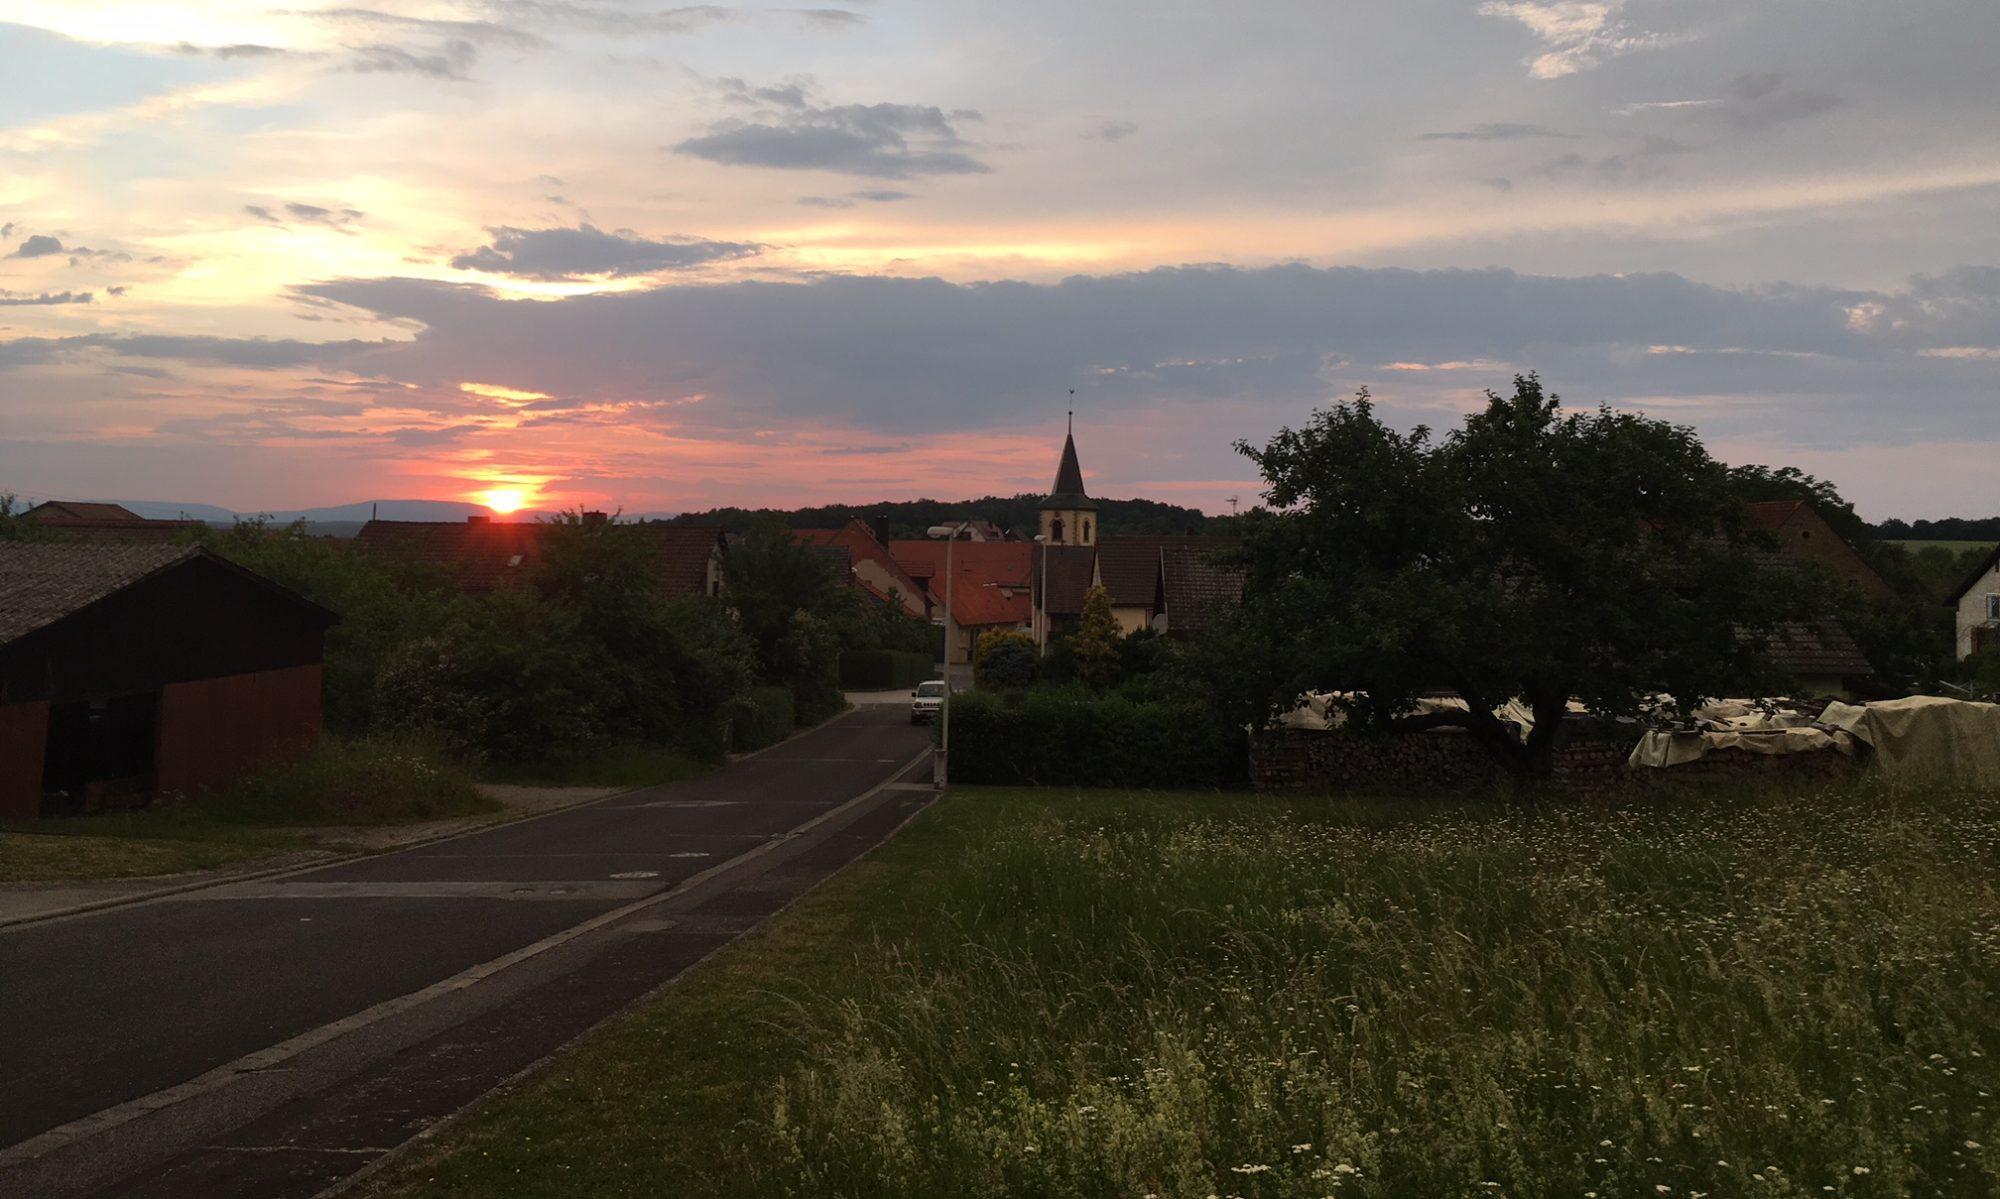 Serwichhausen